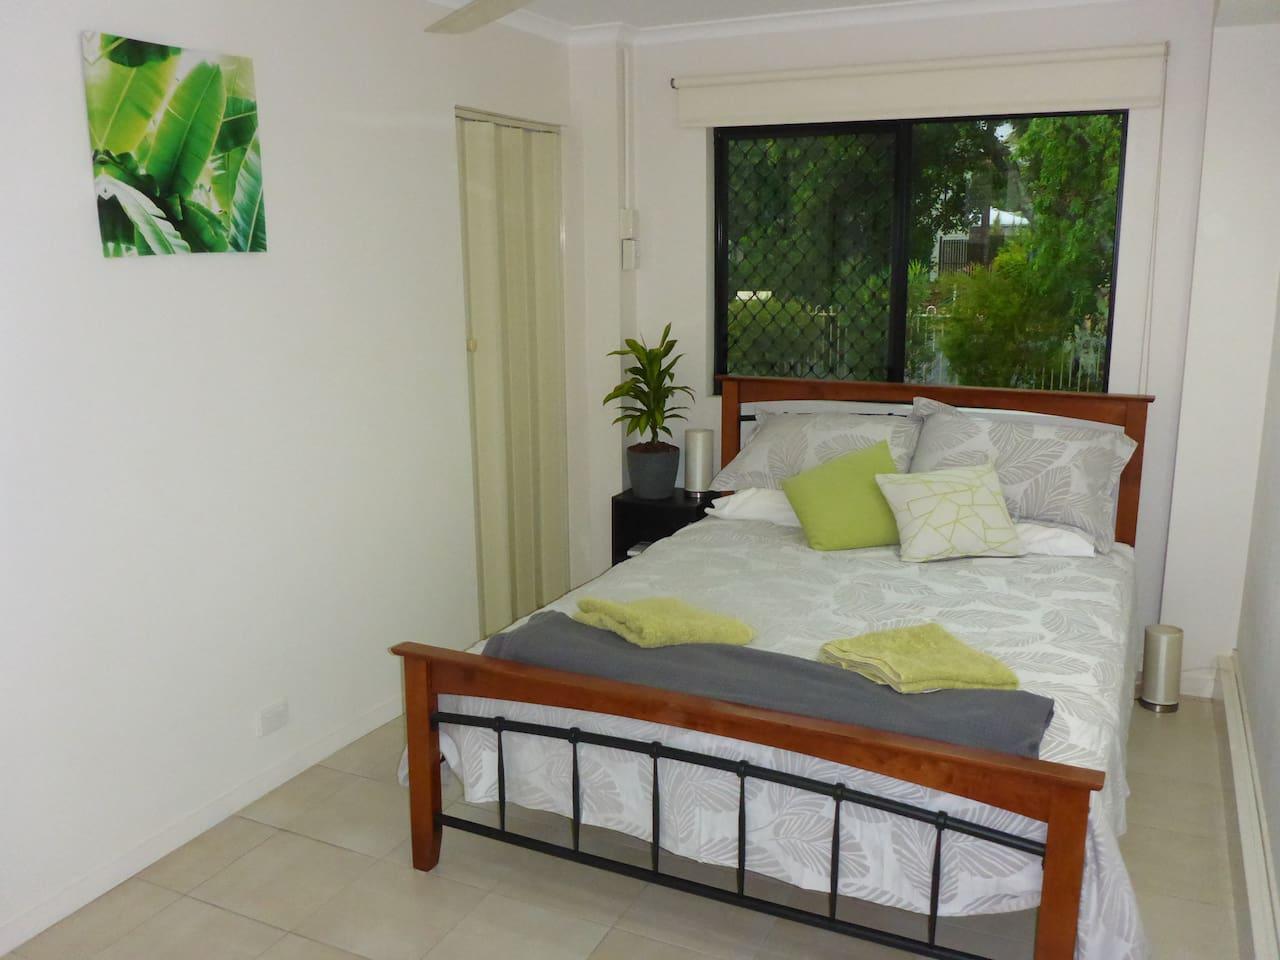 Queen bed in the bedroom